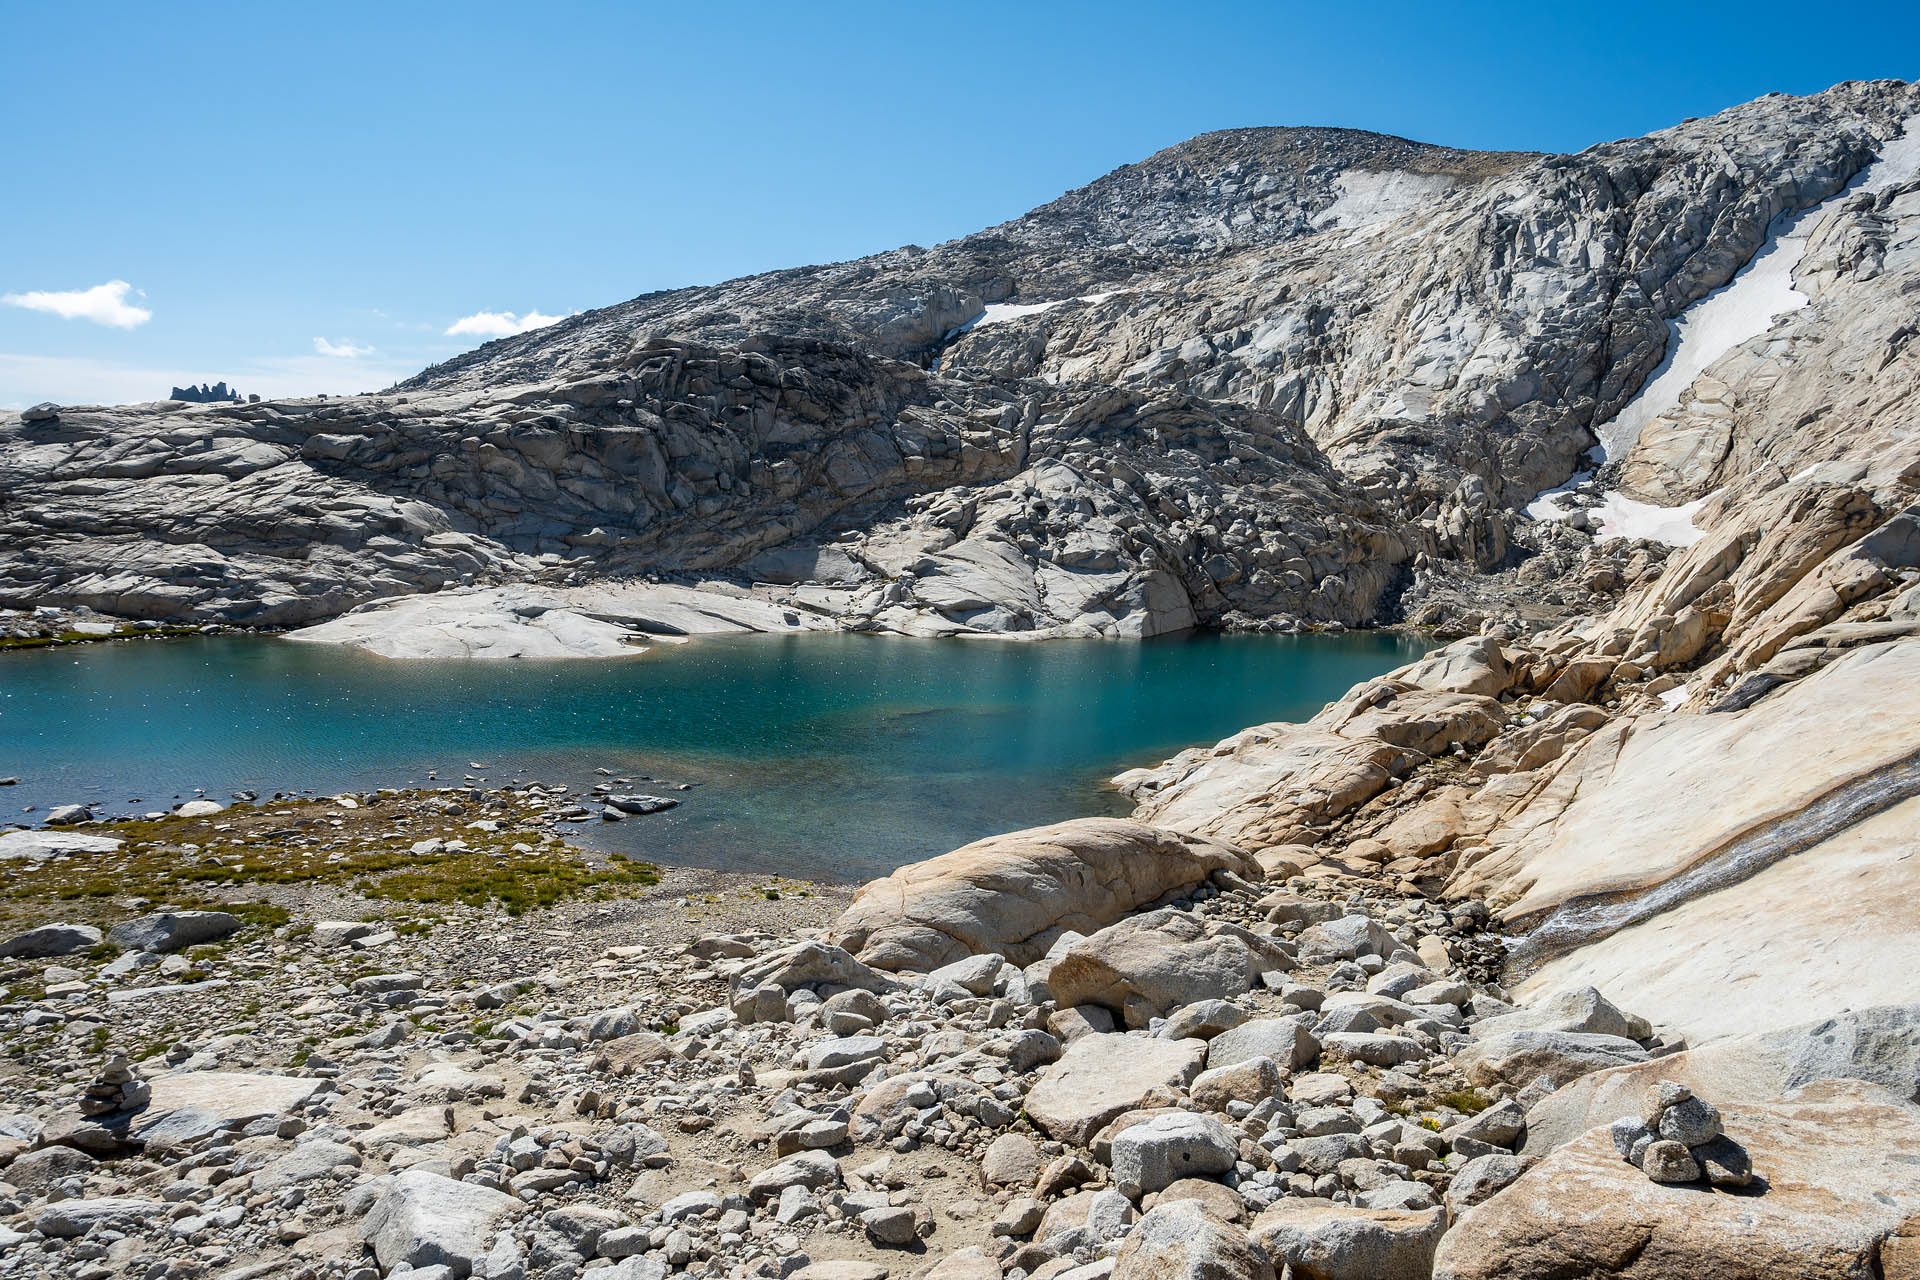 Lake Olrun